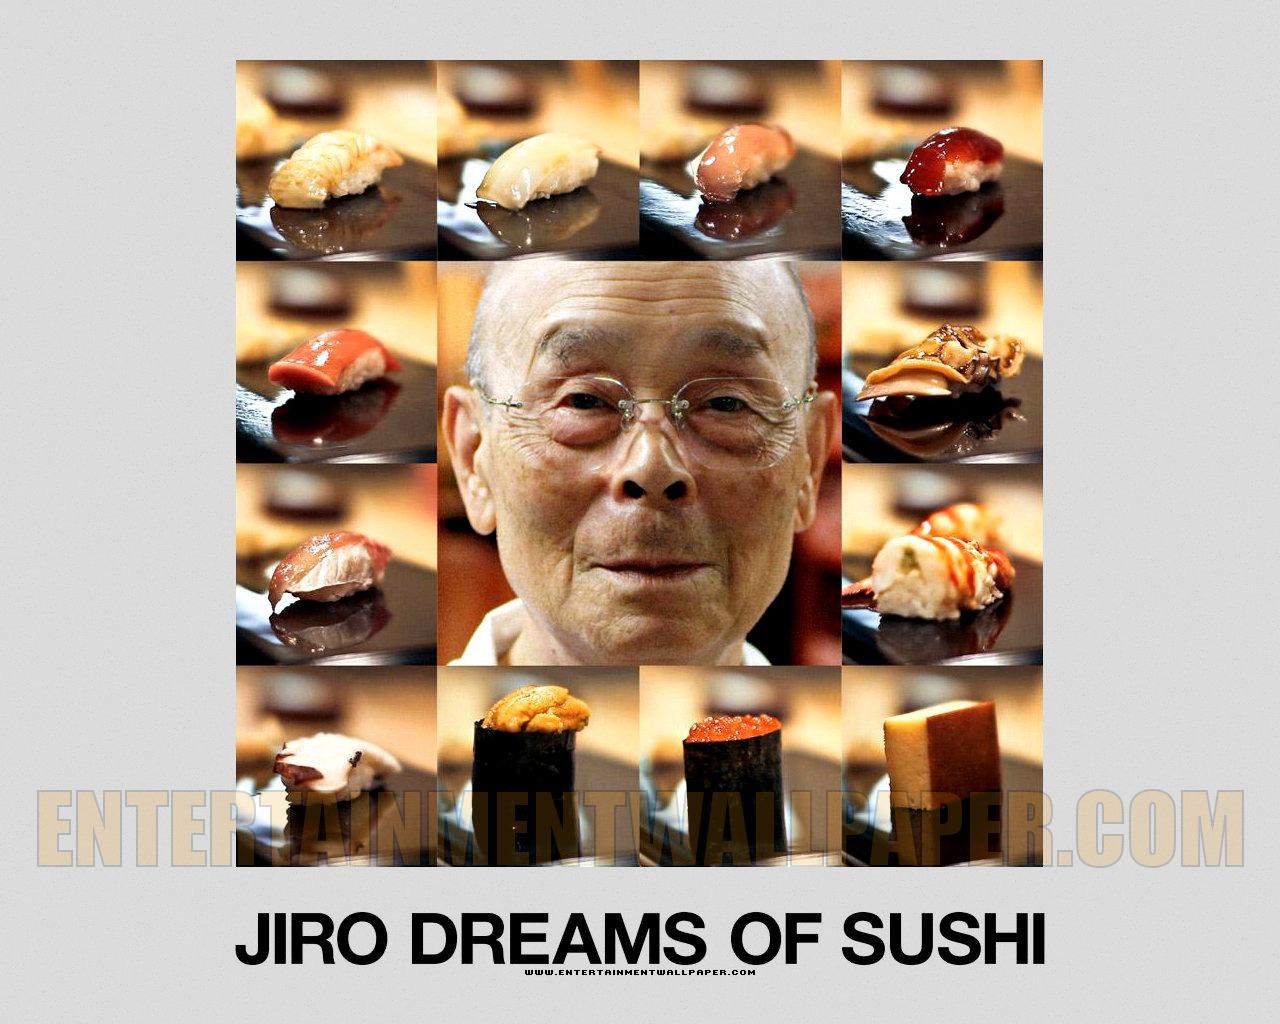 jiro-dreams-of-sushi01.jpg